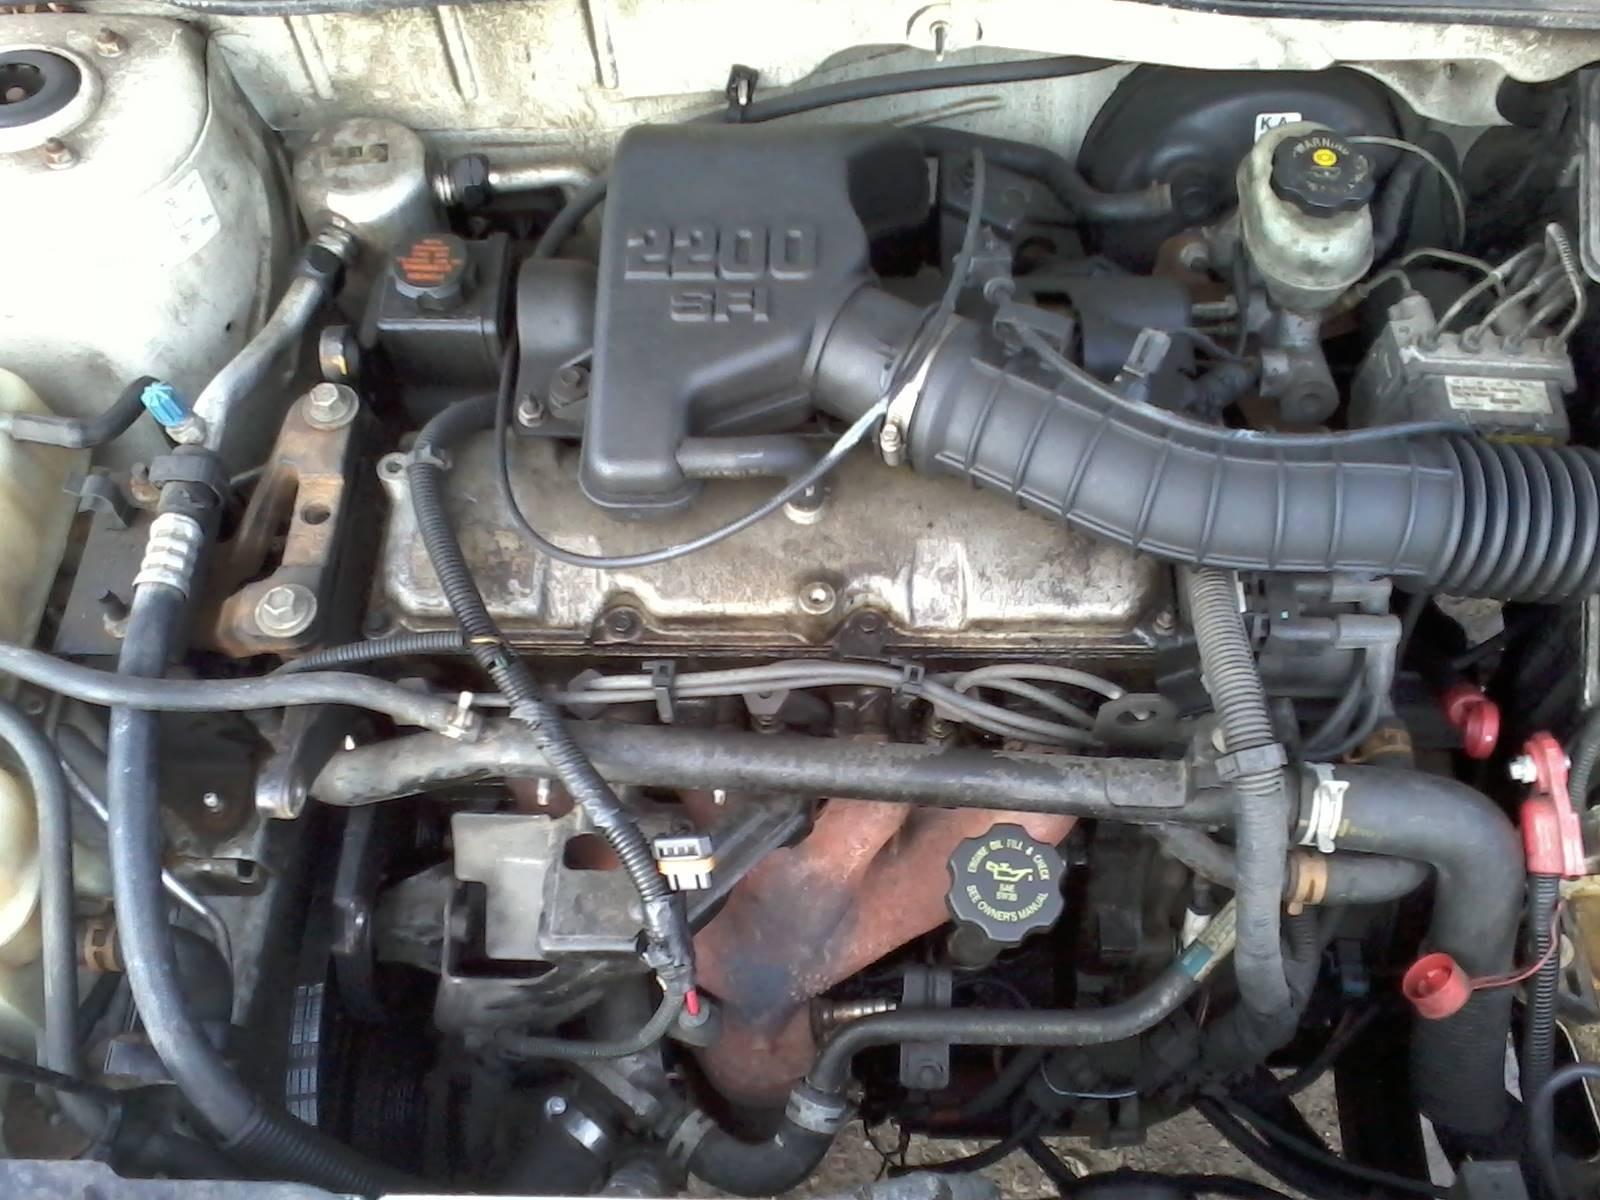 2002 Chevy Cavalier Engine Diagram 1997 Pontiac Sunfire Gt Coupe 2 4l Manual Of 2002 Chevy Cavalier Engine Diagram